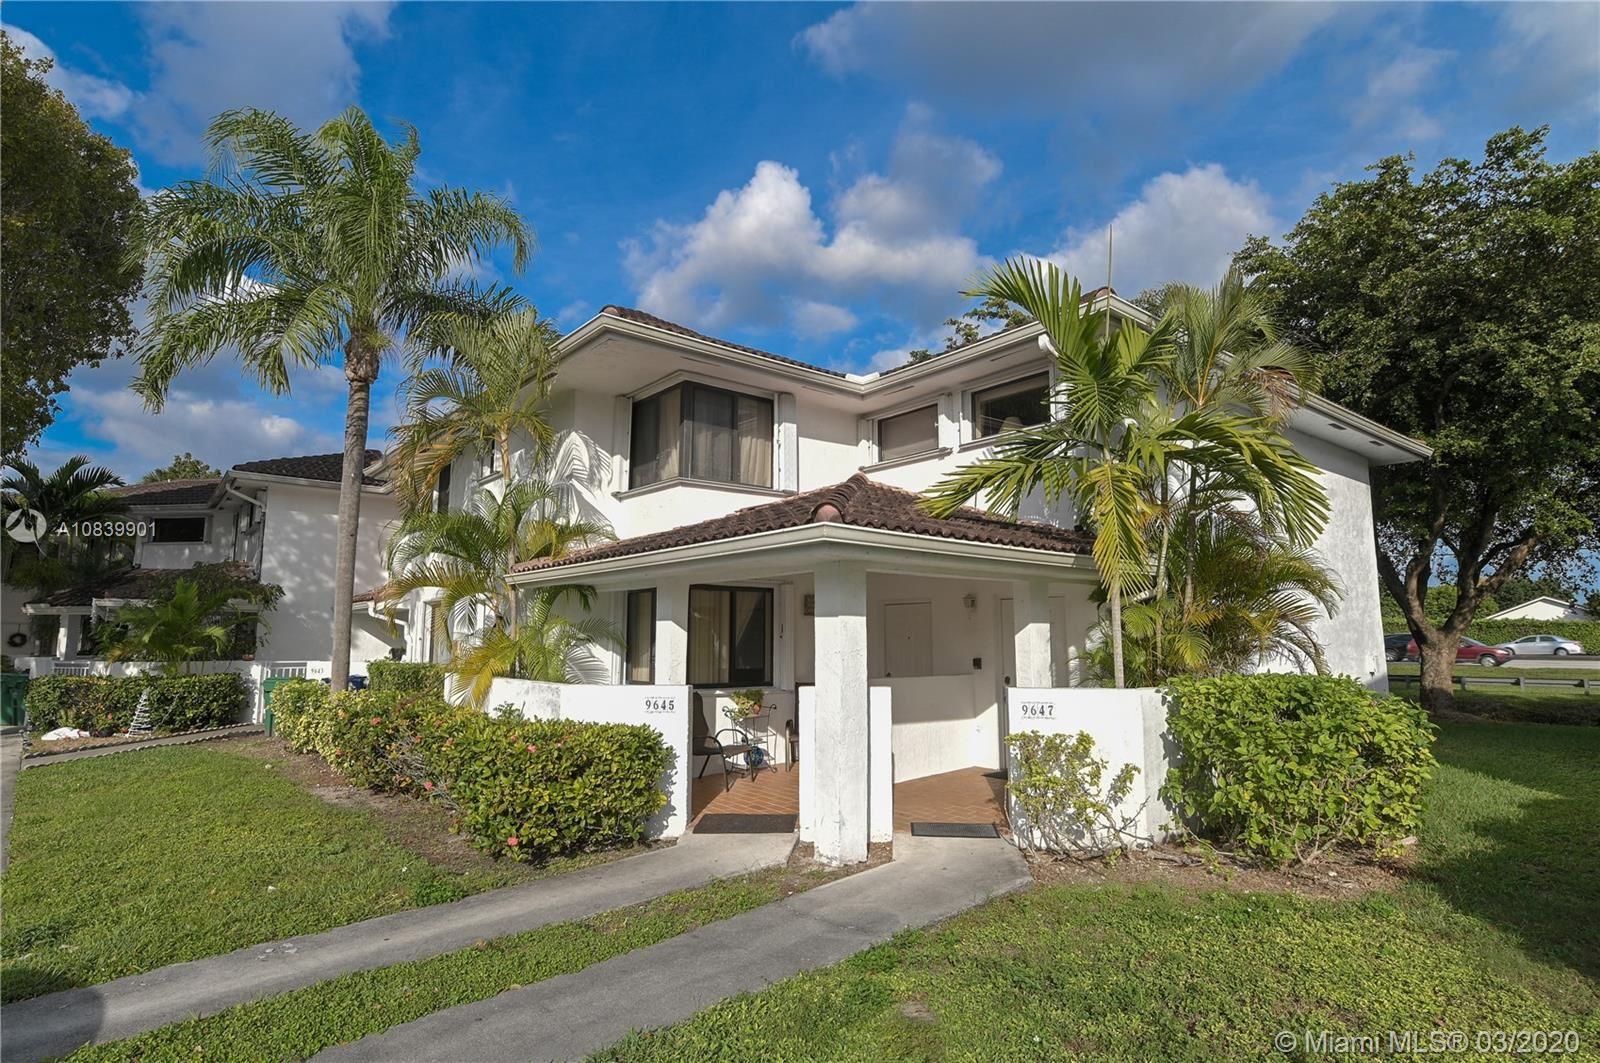 9647 SW 138th Ave #9647, Miami, FL 33186 - #: A10839901